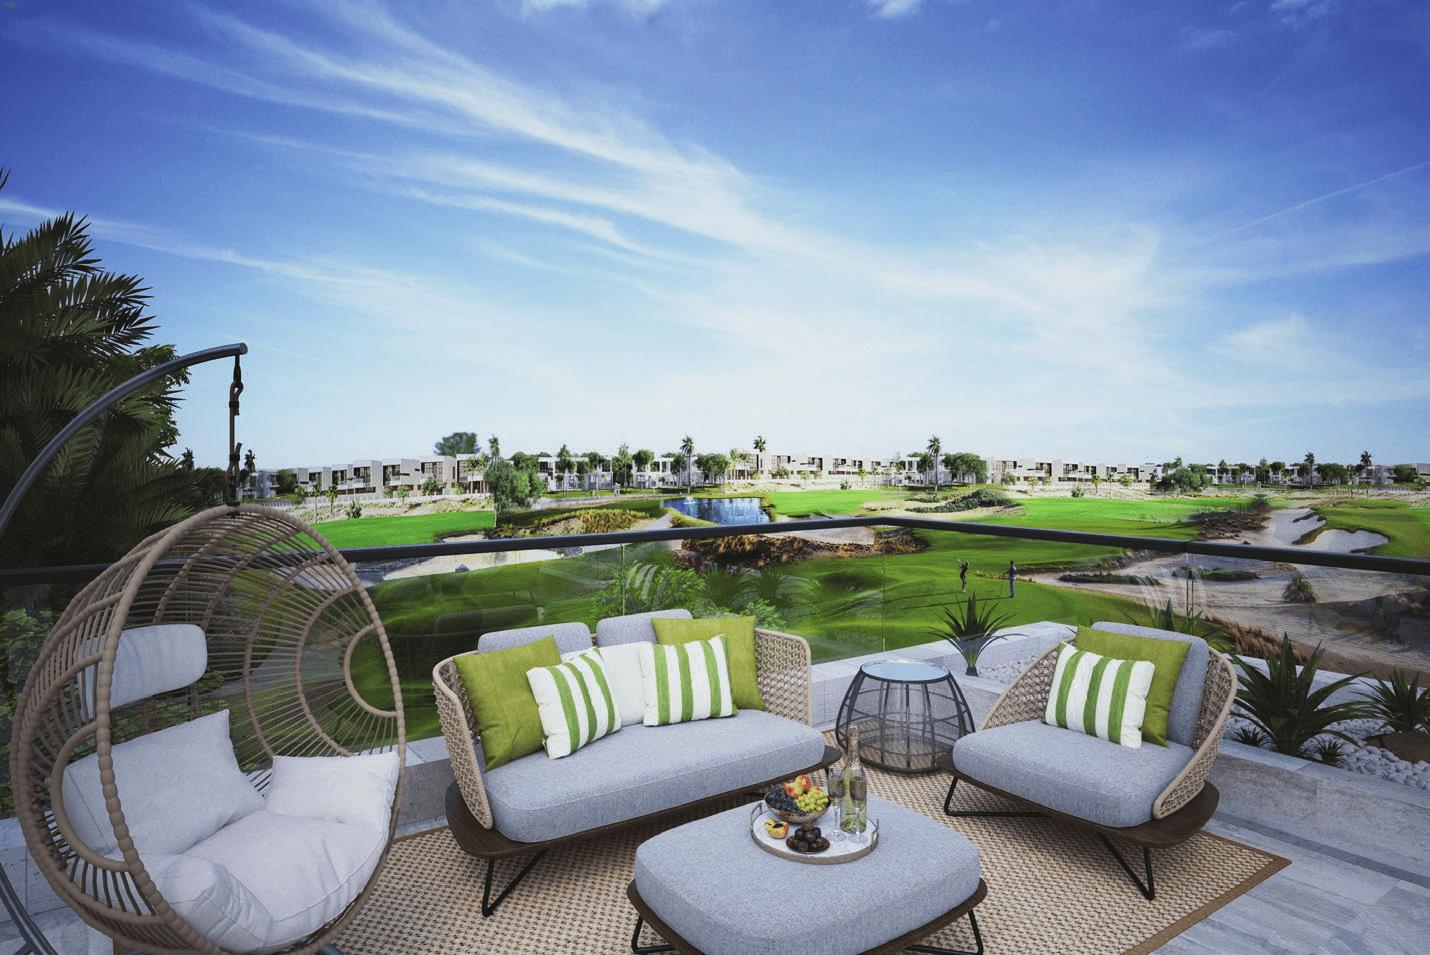 melrose villas 6 - Melrose Estates Golf Villas by Damac